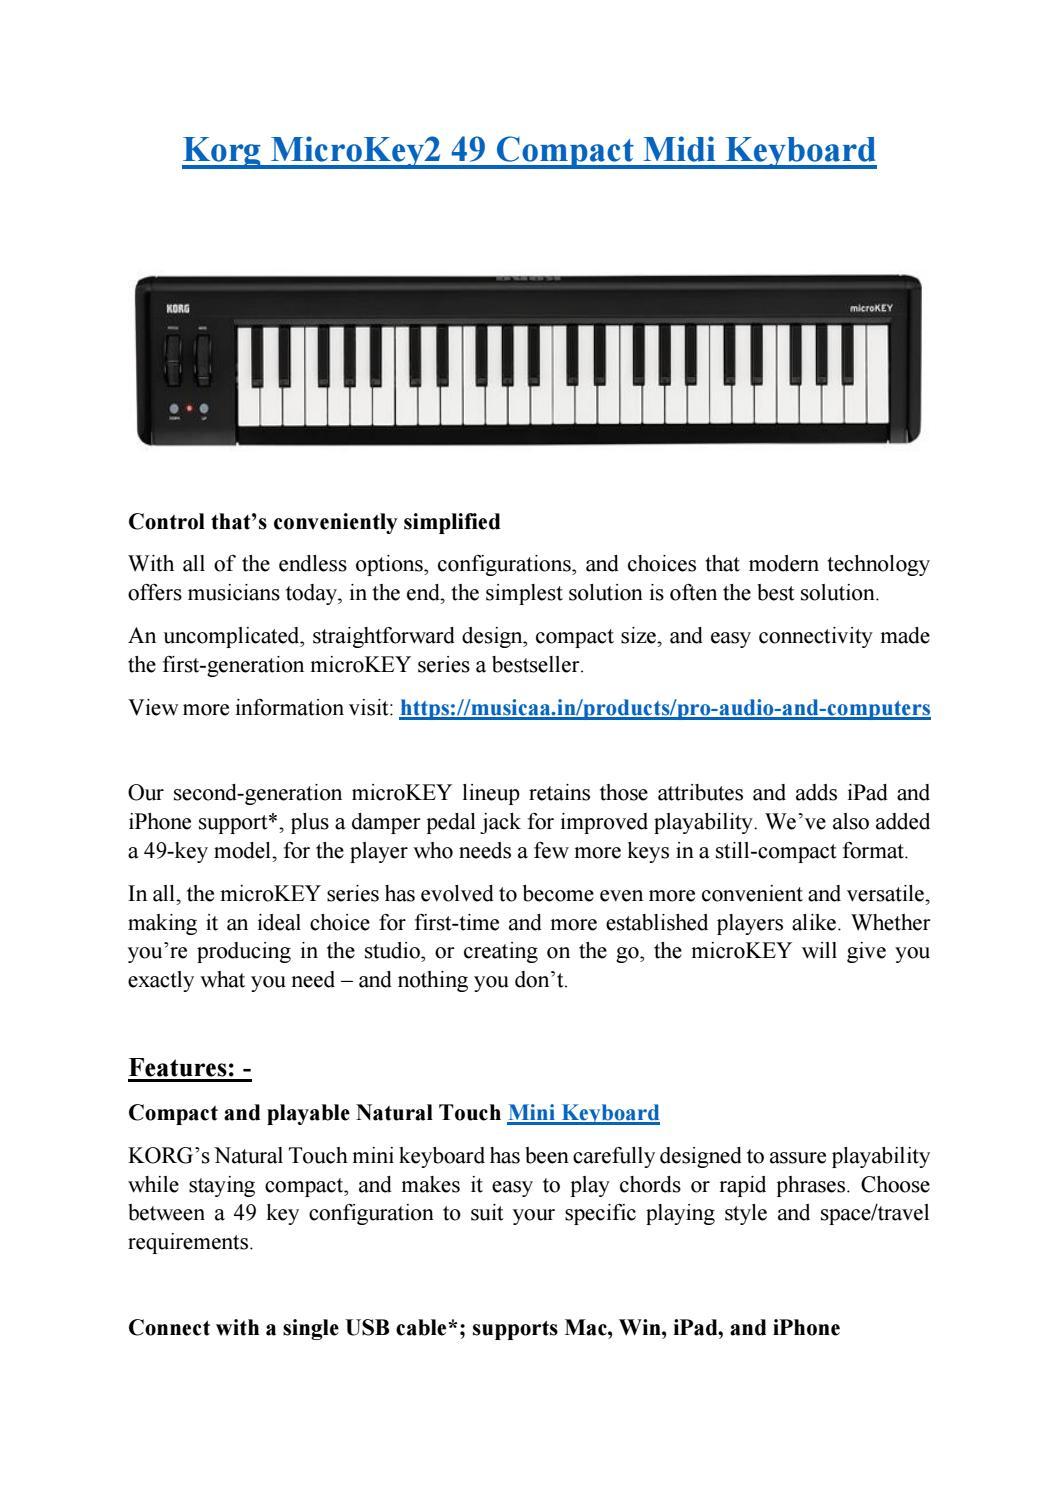 Korg MicroKey2 49 Compact Midi Keyboard by Musicaa - issuu